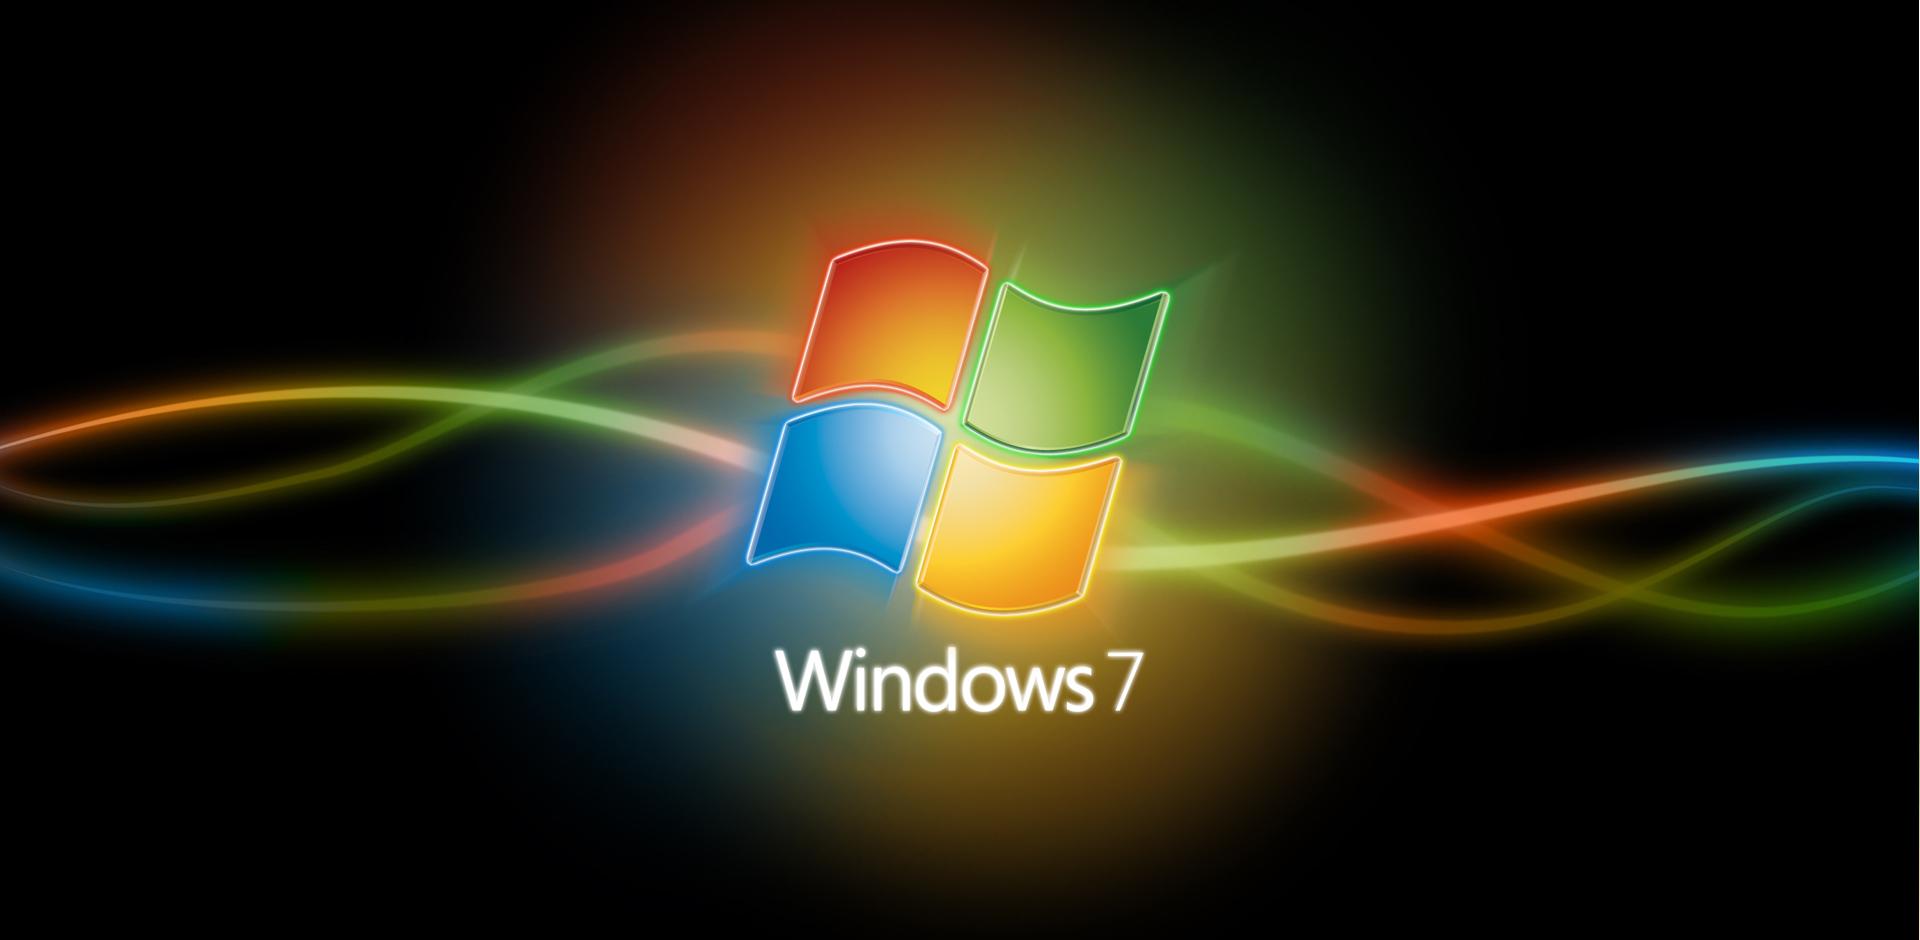 Win7 将退出历史舞台| 极客早知道 2014 年 10 月 30 日